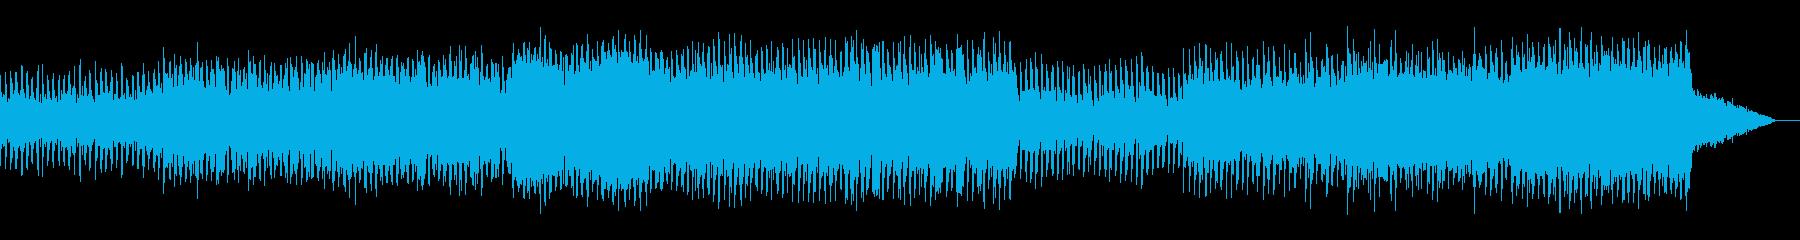 ダークでサイキックなトランスの再生済みの波形